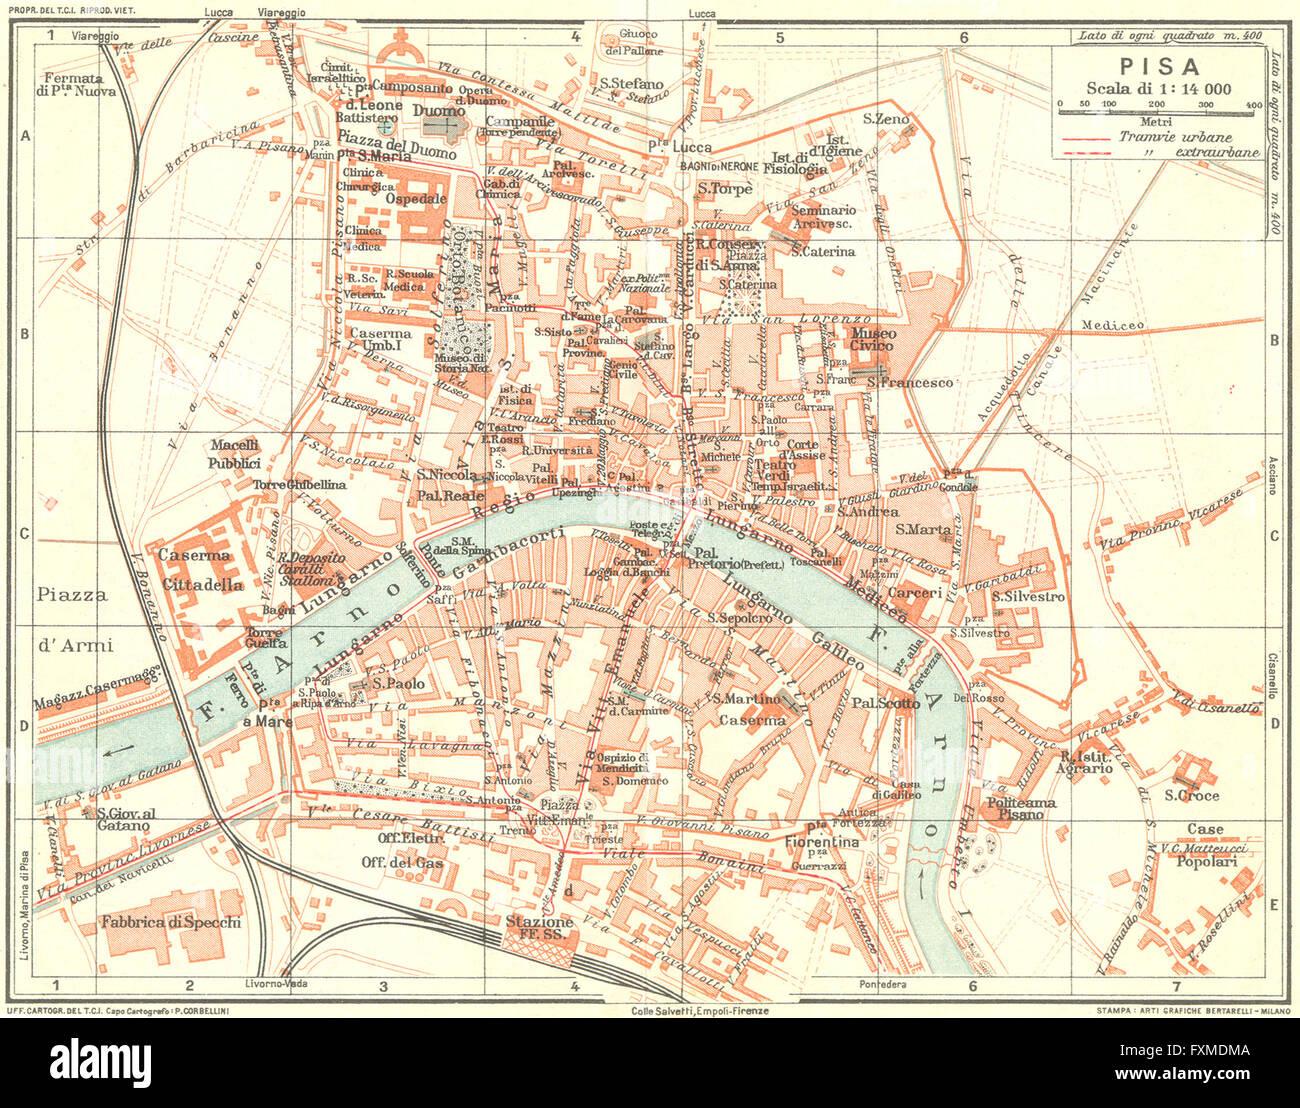 Pisa Karte.Pisa Karte Stadtplan Vintage Stadt Italien 1927 Stockfoto Bild